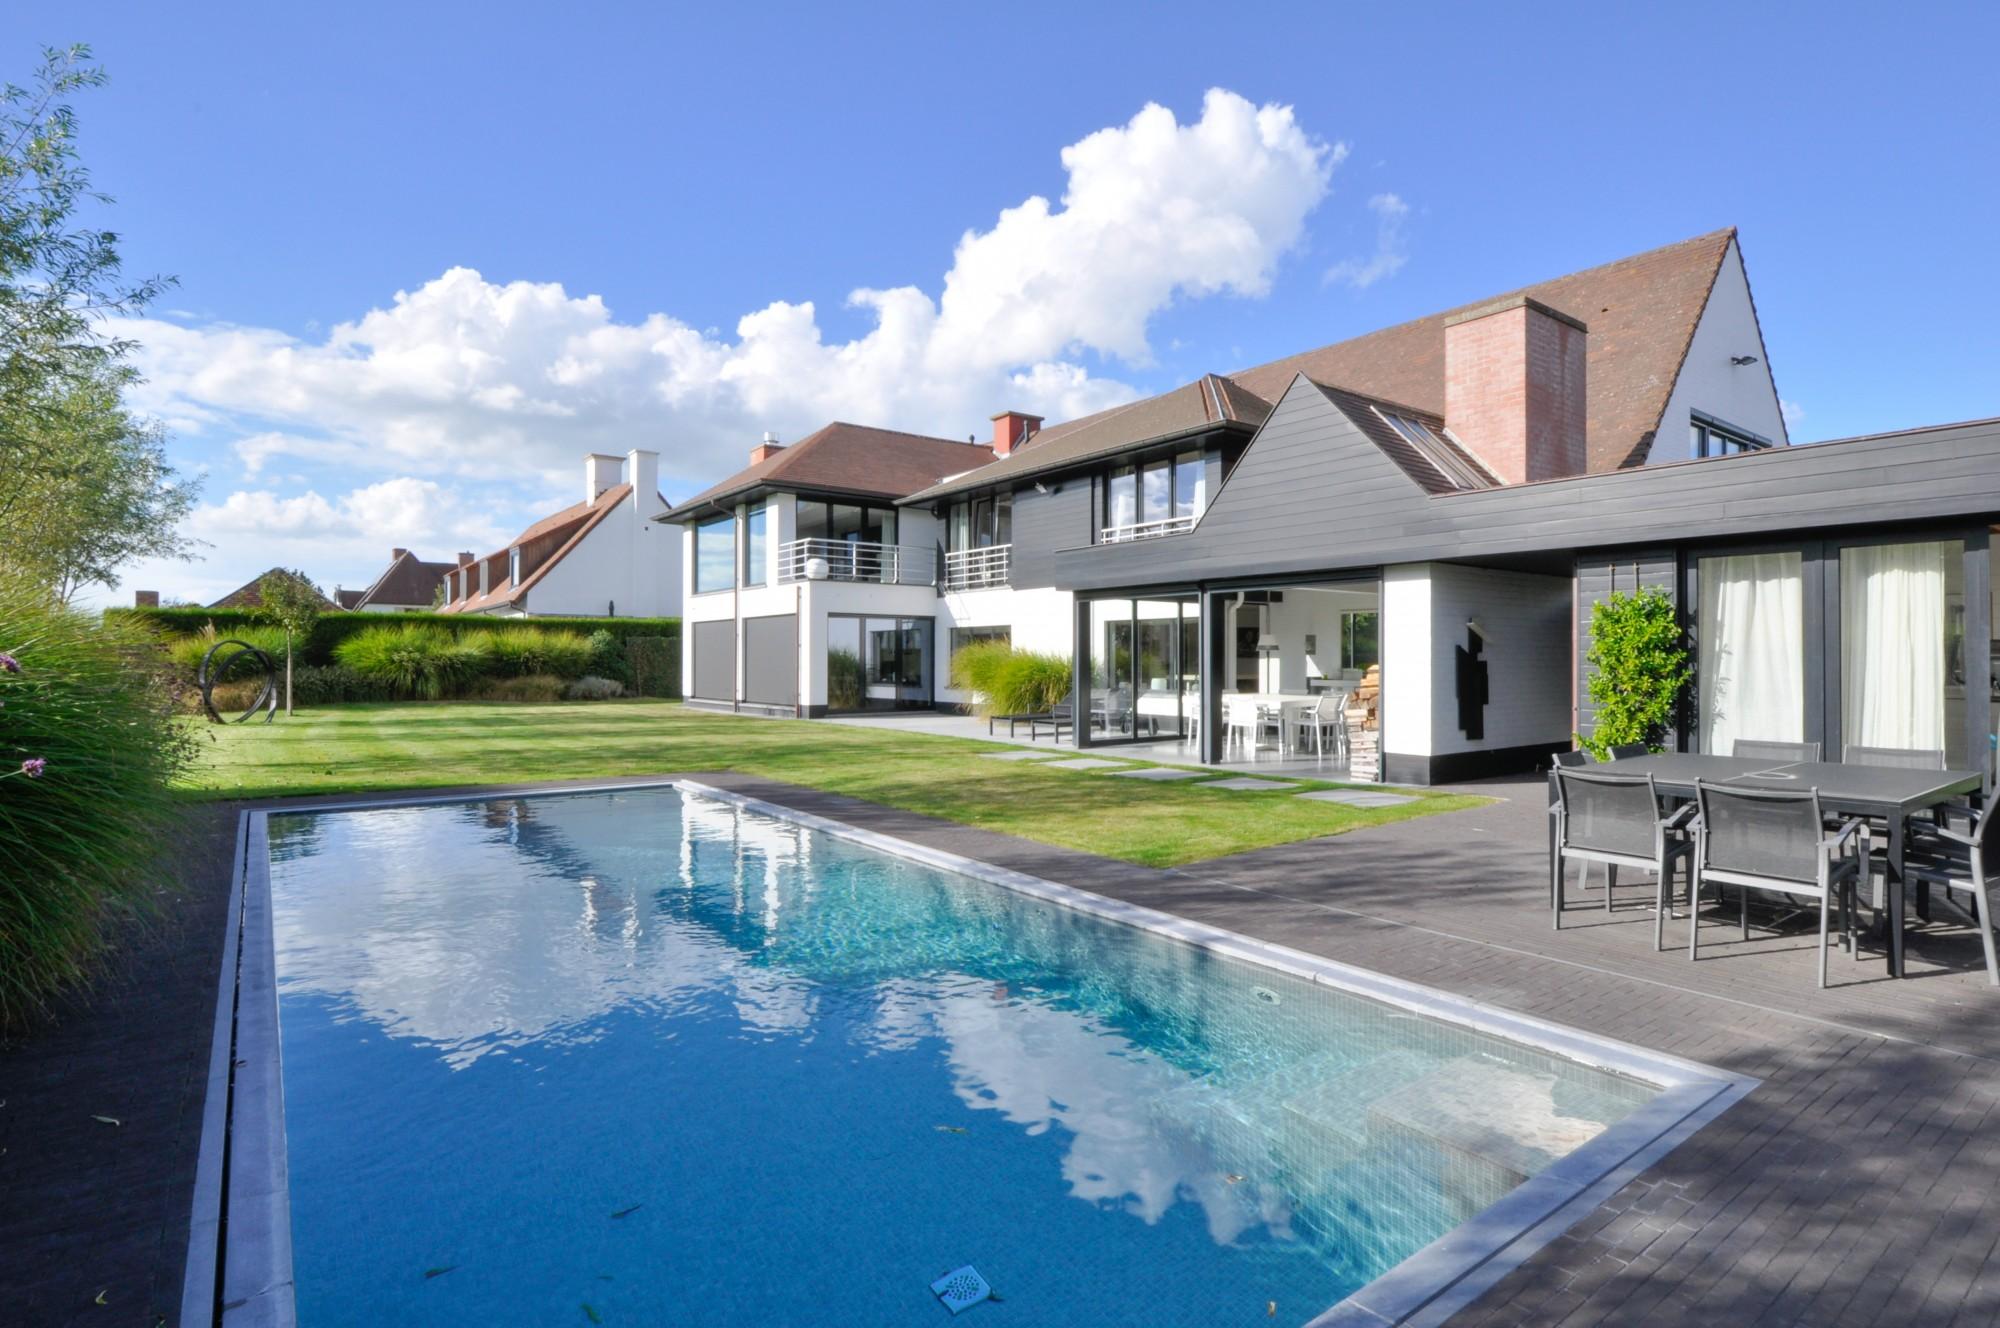 Verkoop villa t5 f5 knokke heist open zicht zwembad for Villa met zwembad te huur